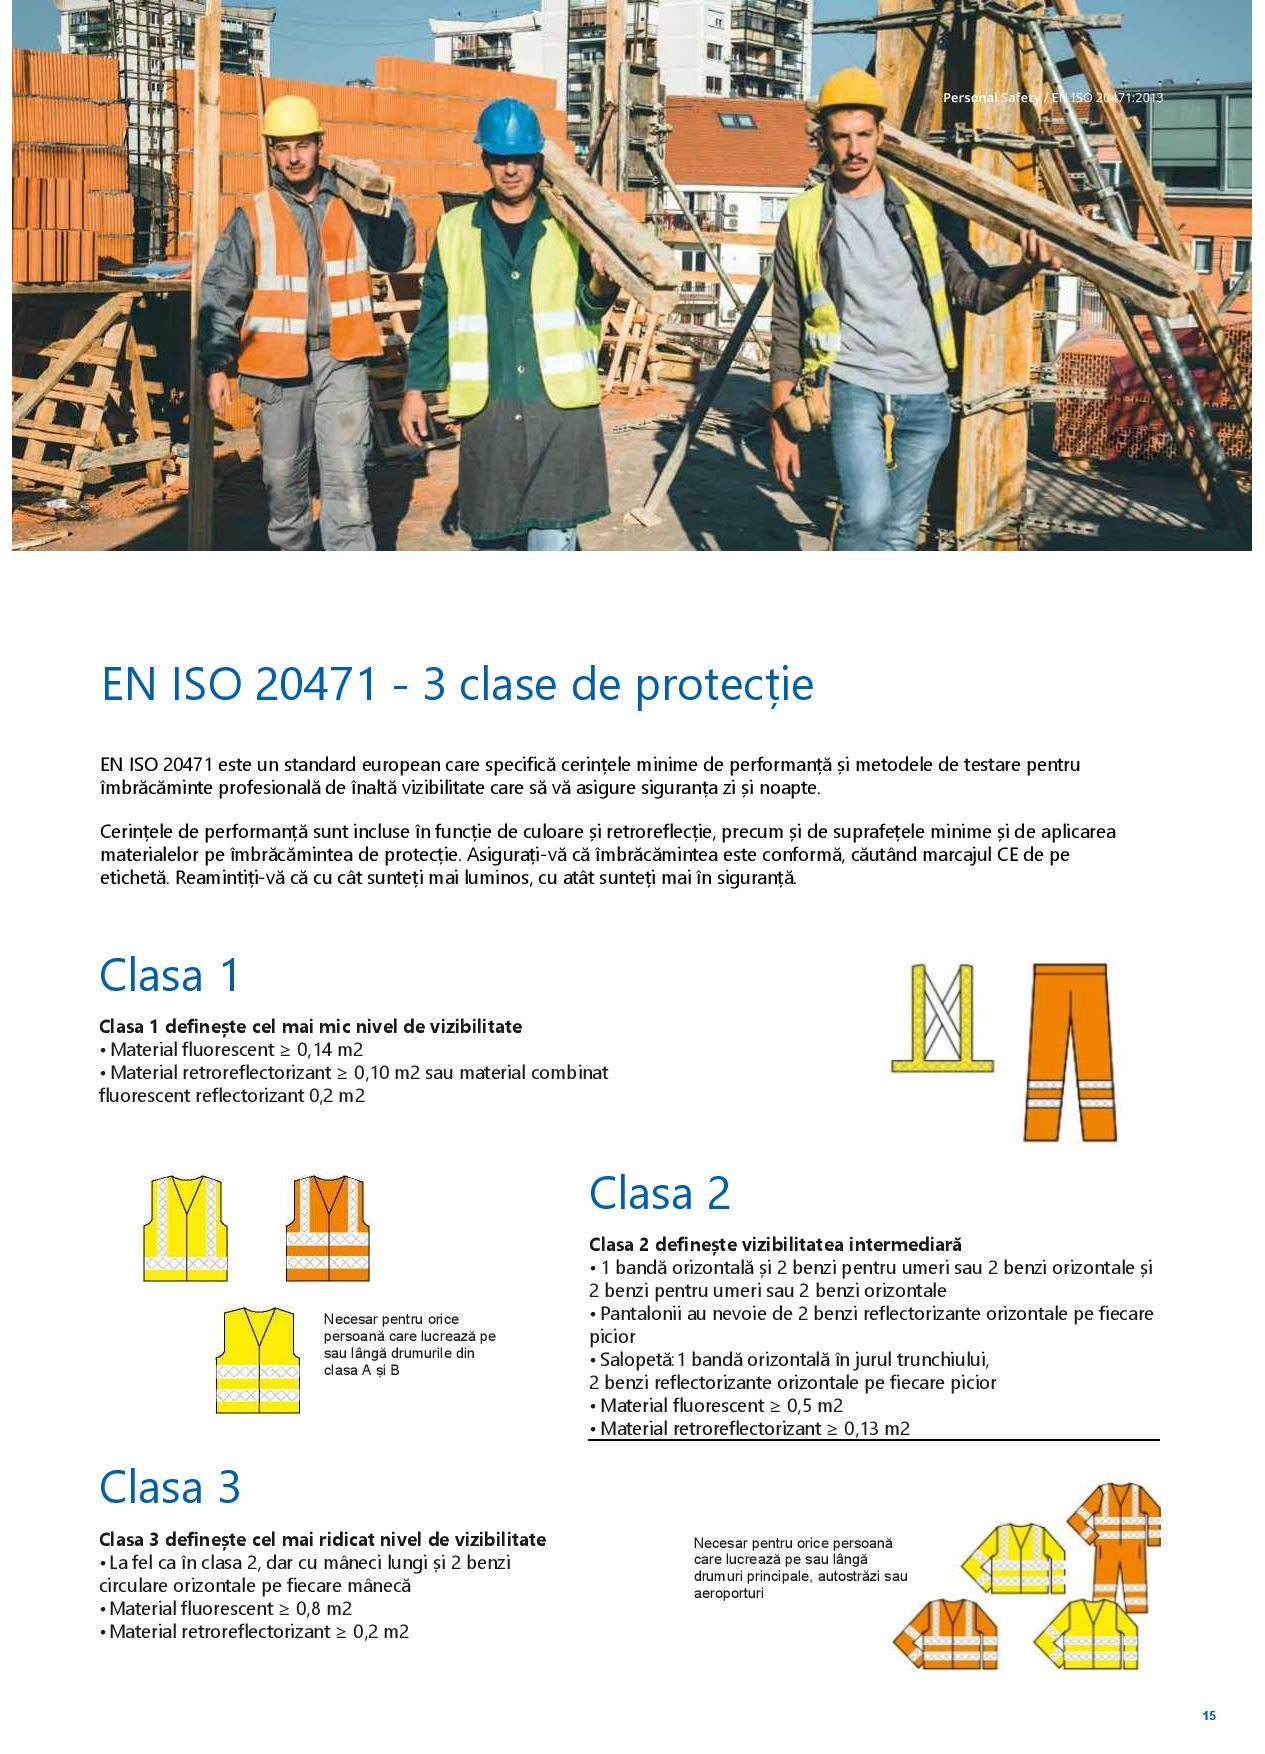 Clasele de protectie pentru echipamentele de lucru si protectie